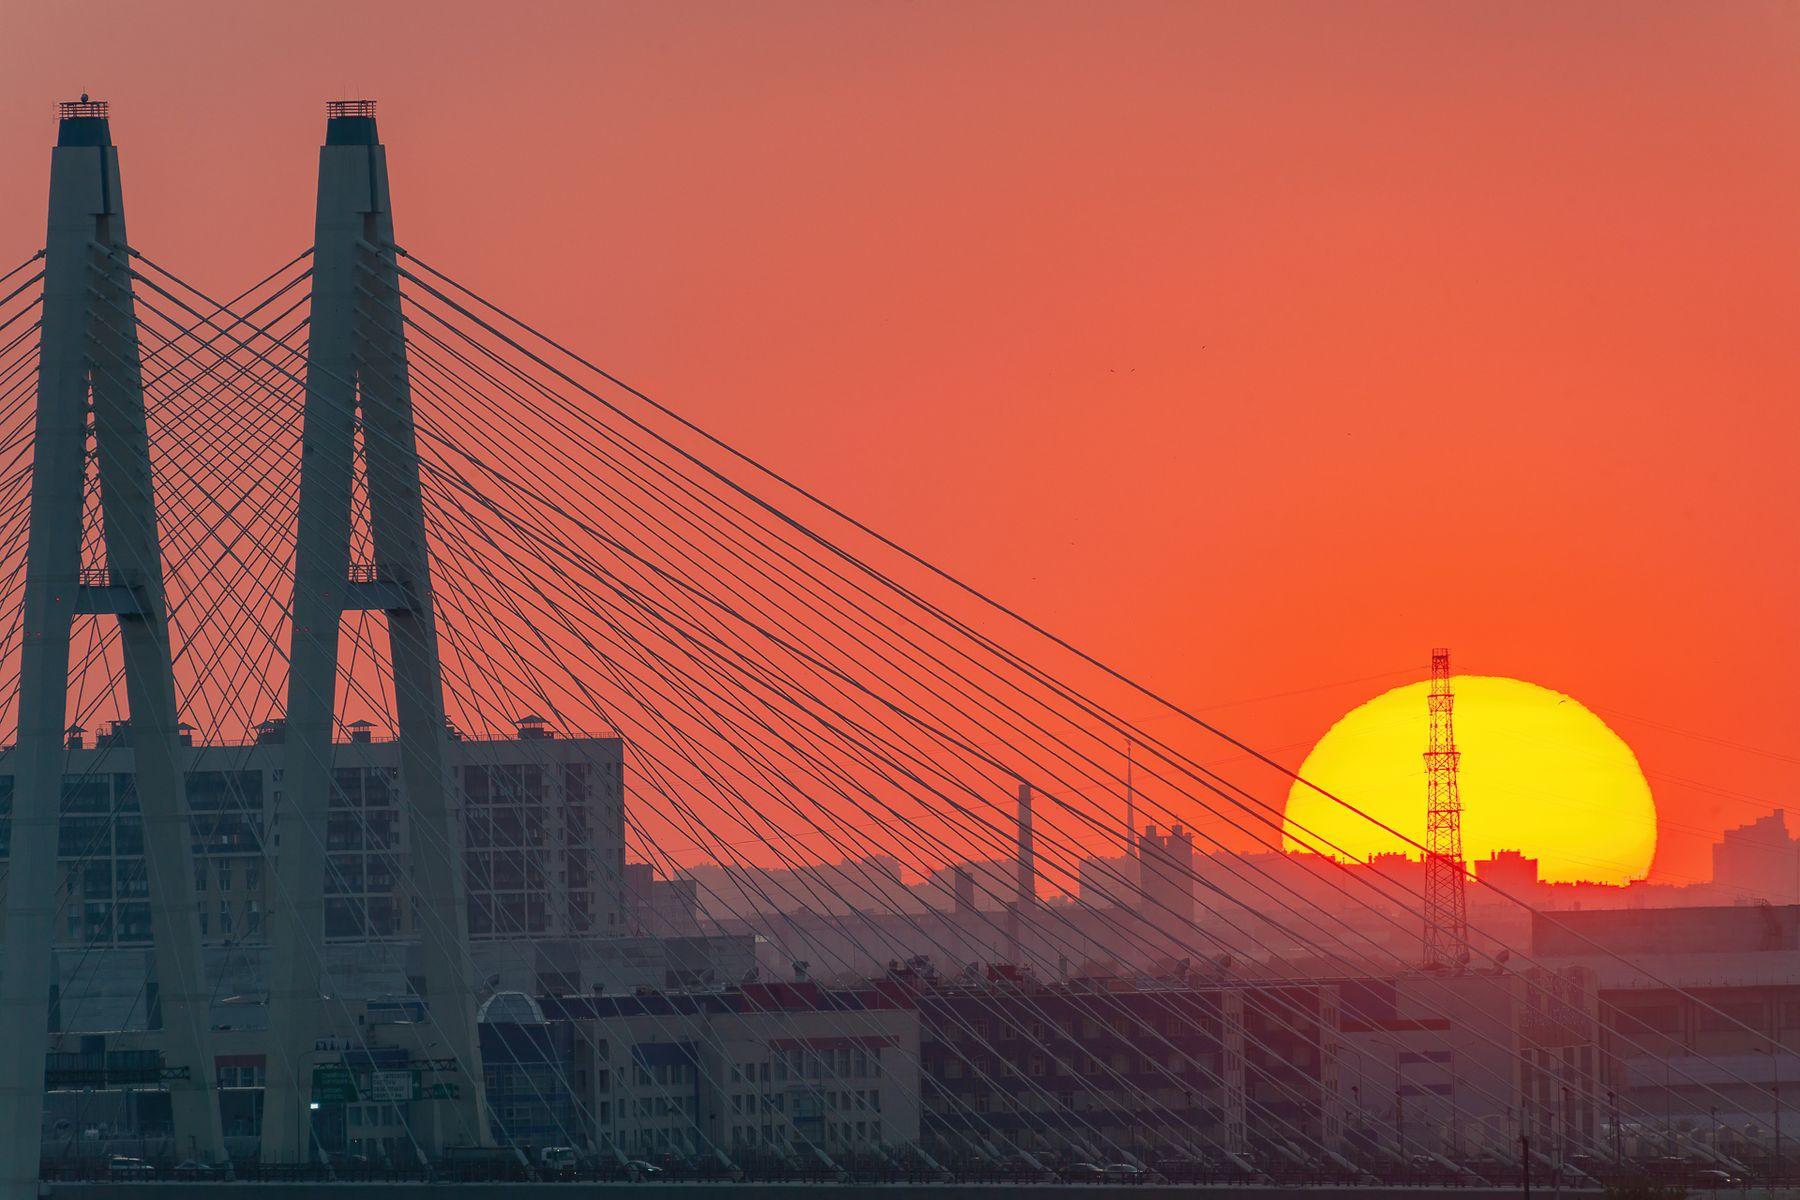 Вантовый мост на закате санкт-петербург вантовый мост солнце лето закат